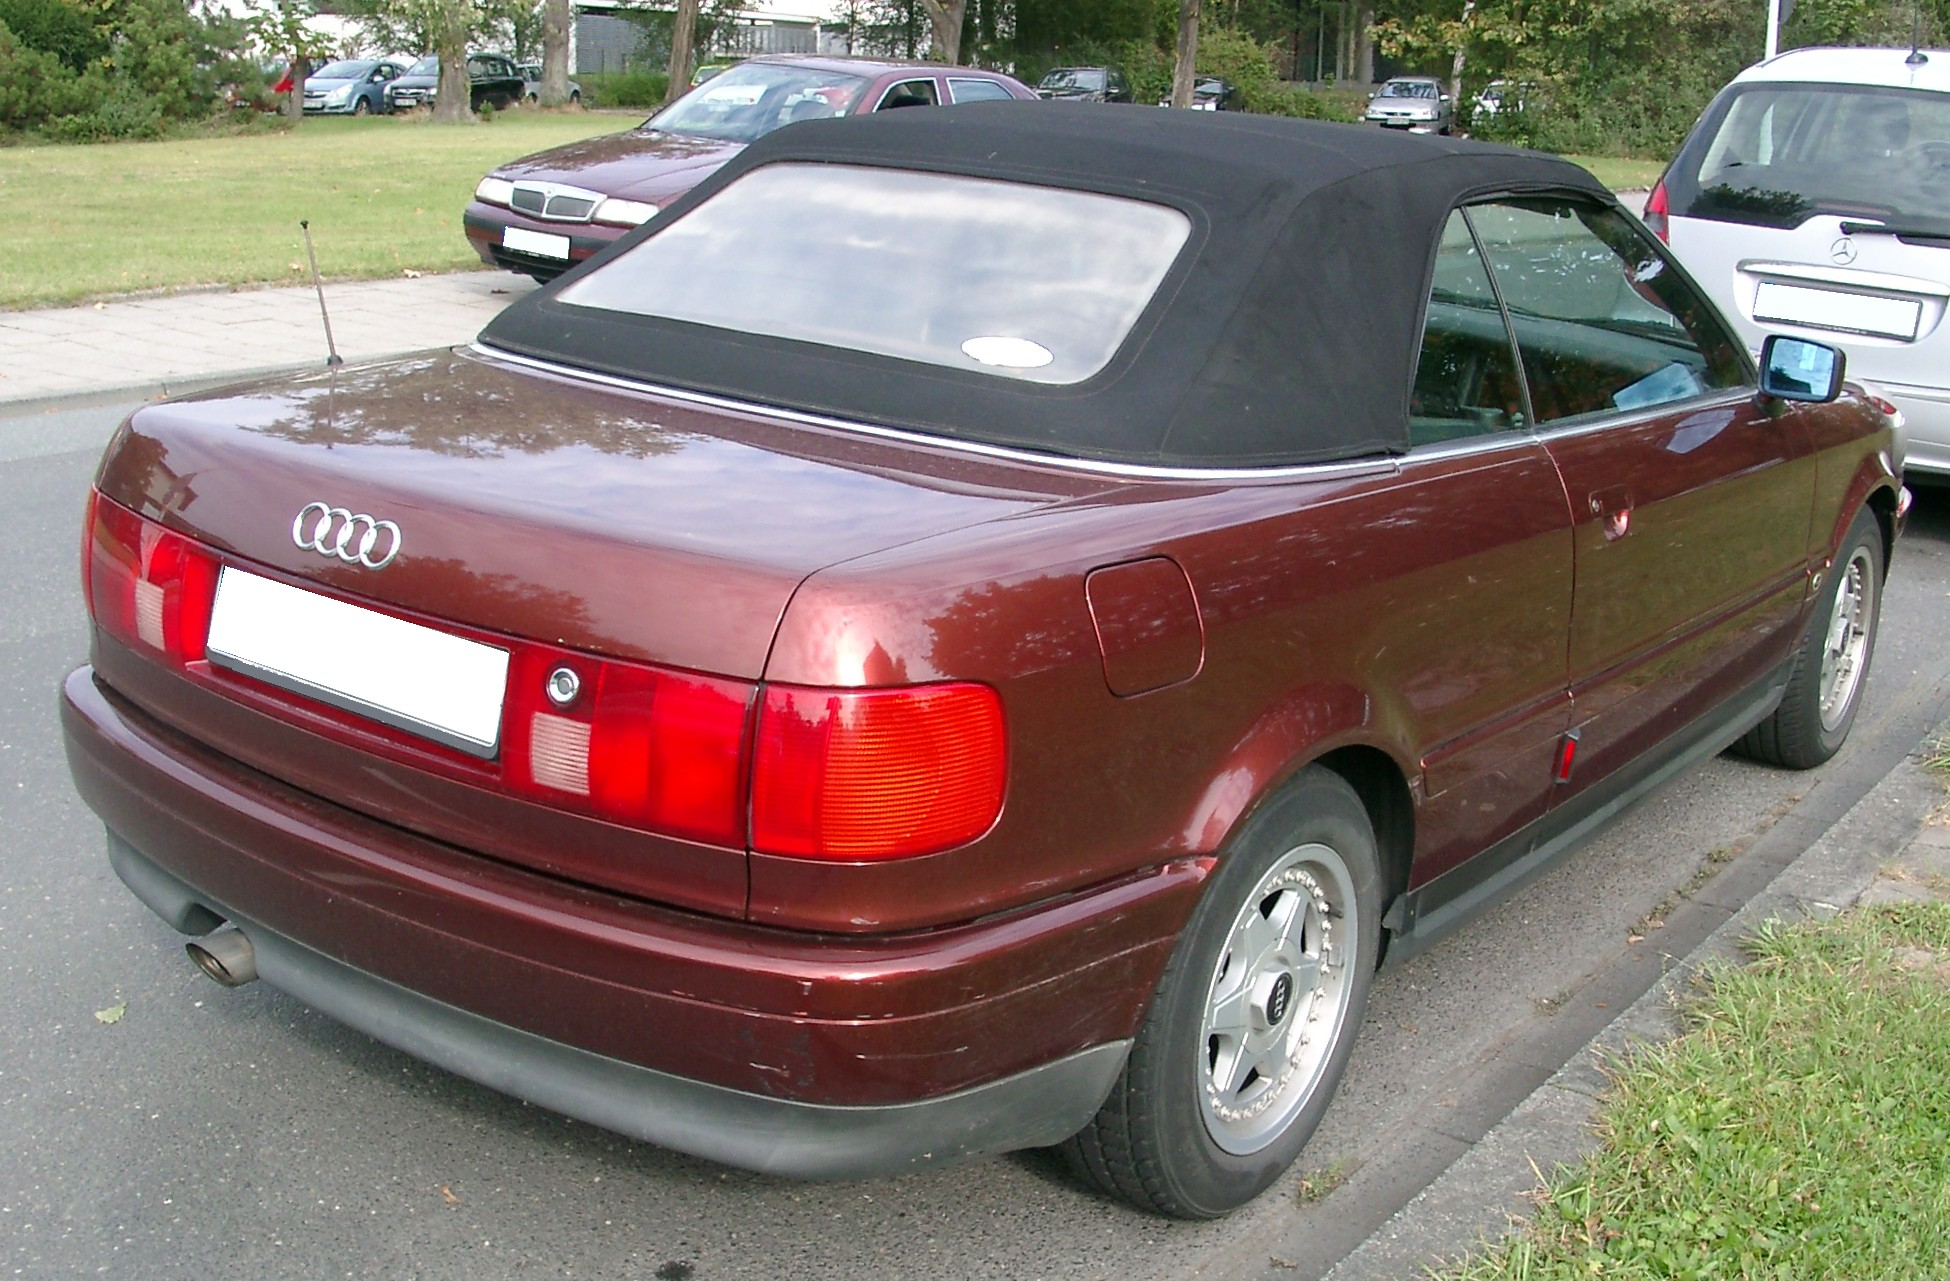 Sofort Einen Neuen Aerodynamik Bausatz Audi